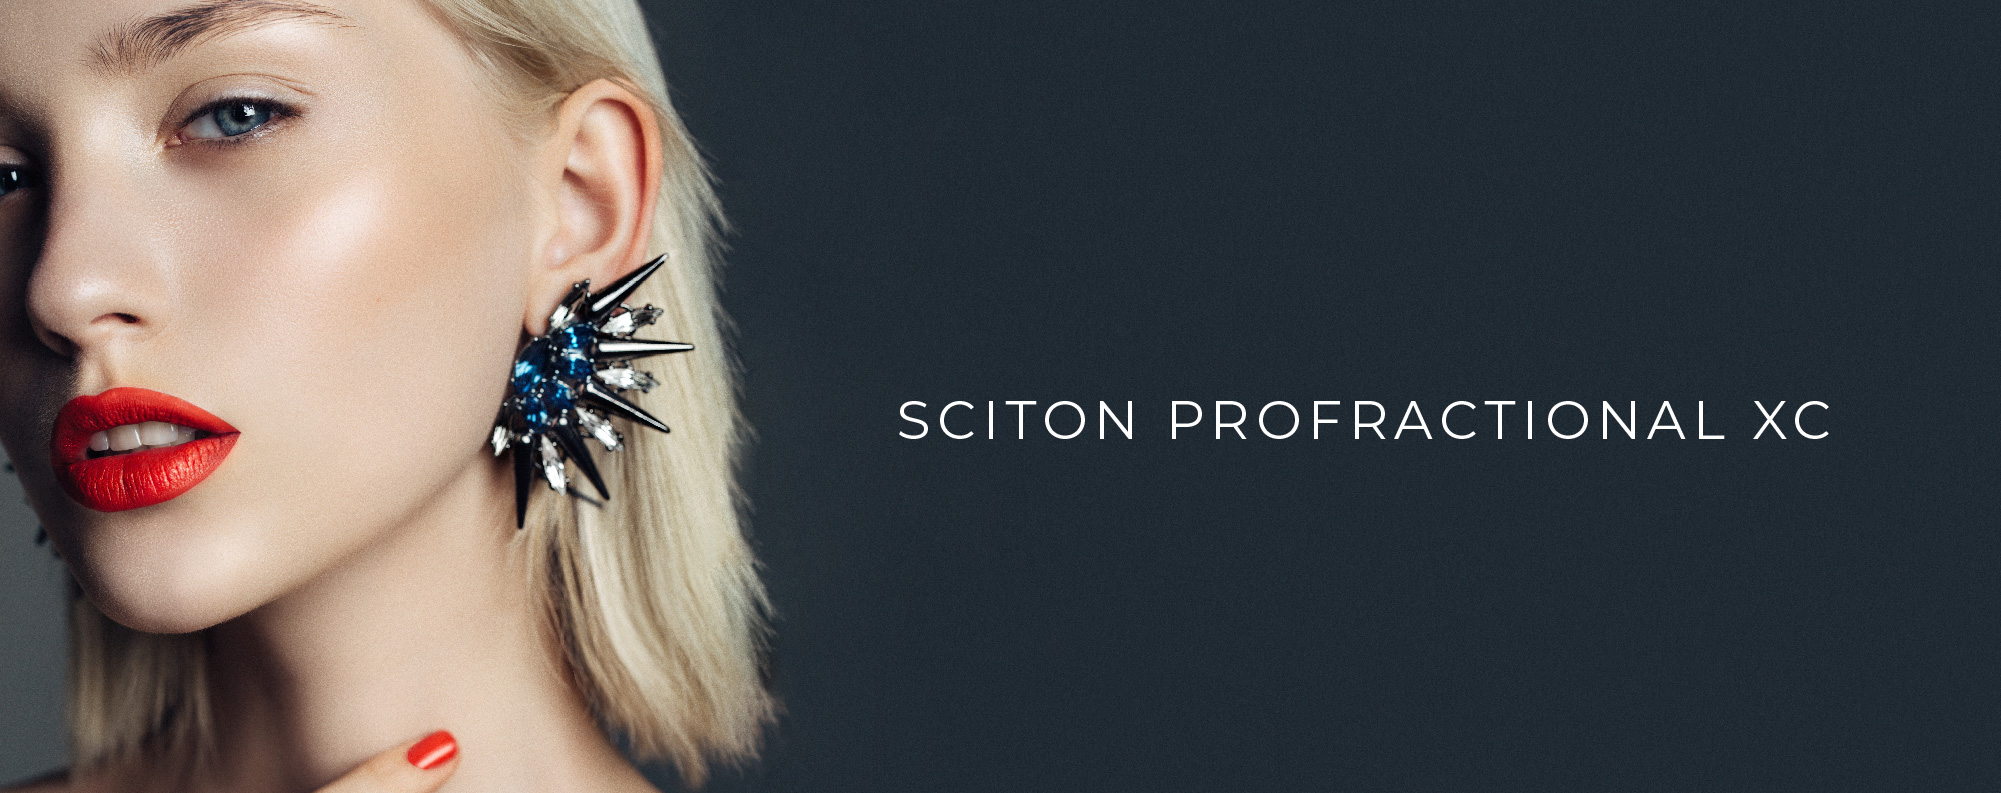 Sciton Profractional XC